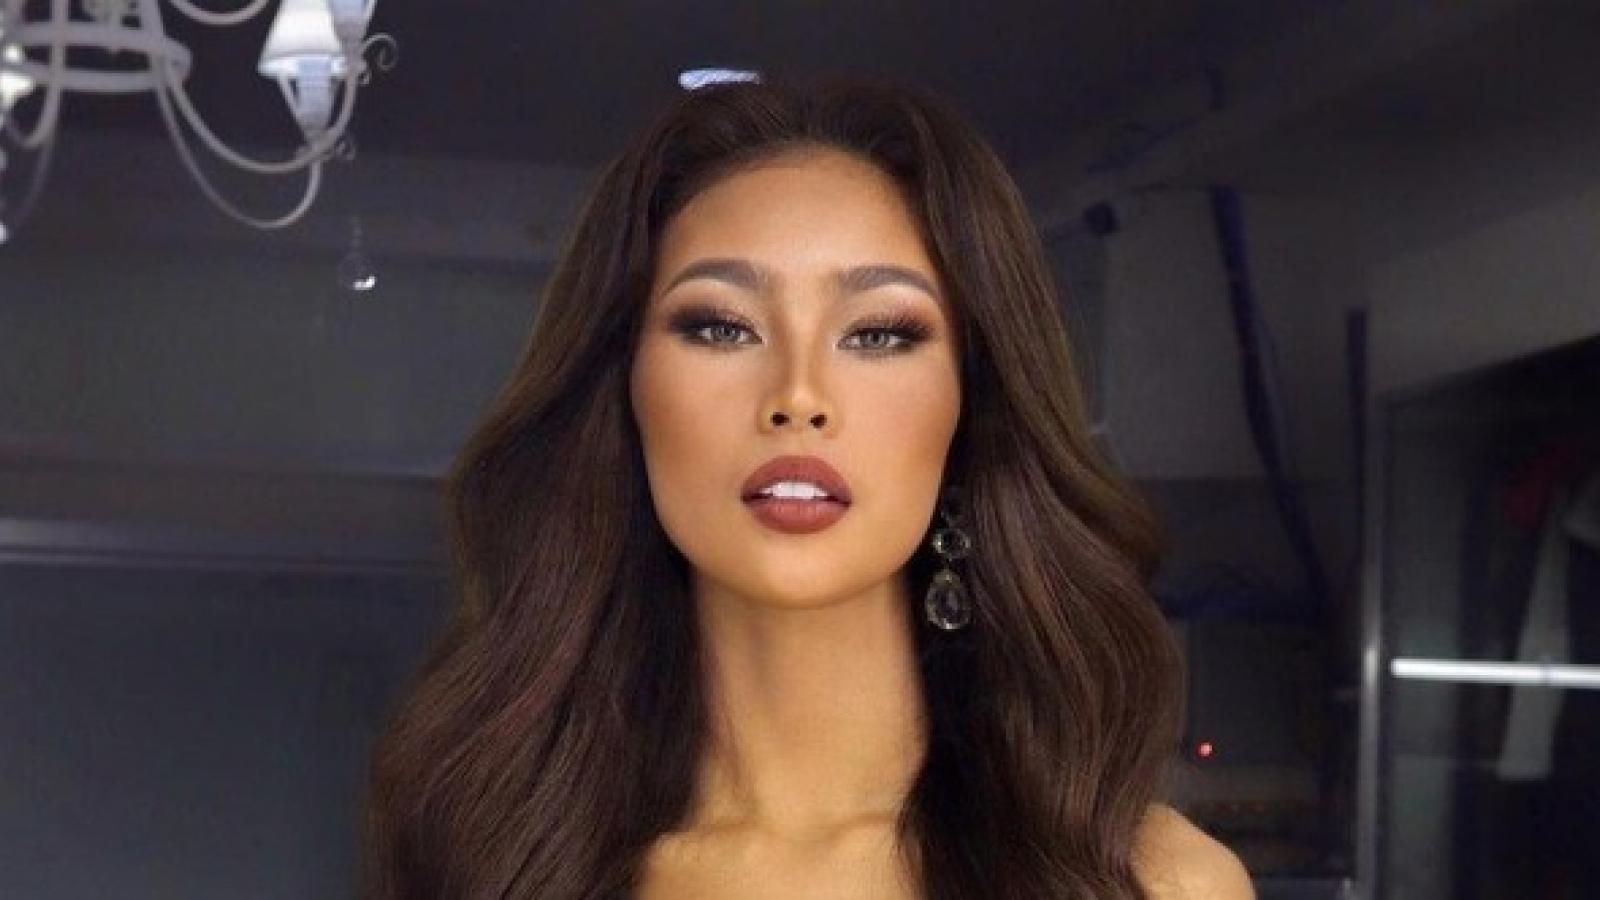 """Thí sinh Hoa hậu Trái đất Philippines """"gây sốt"""" diễn đàn sắc đẹp với vòng eo 51 cm"""